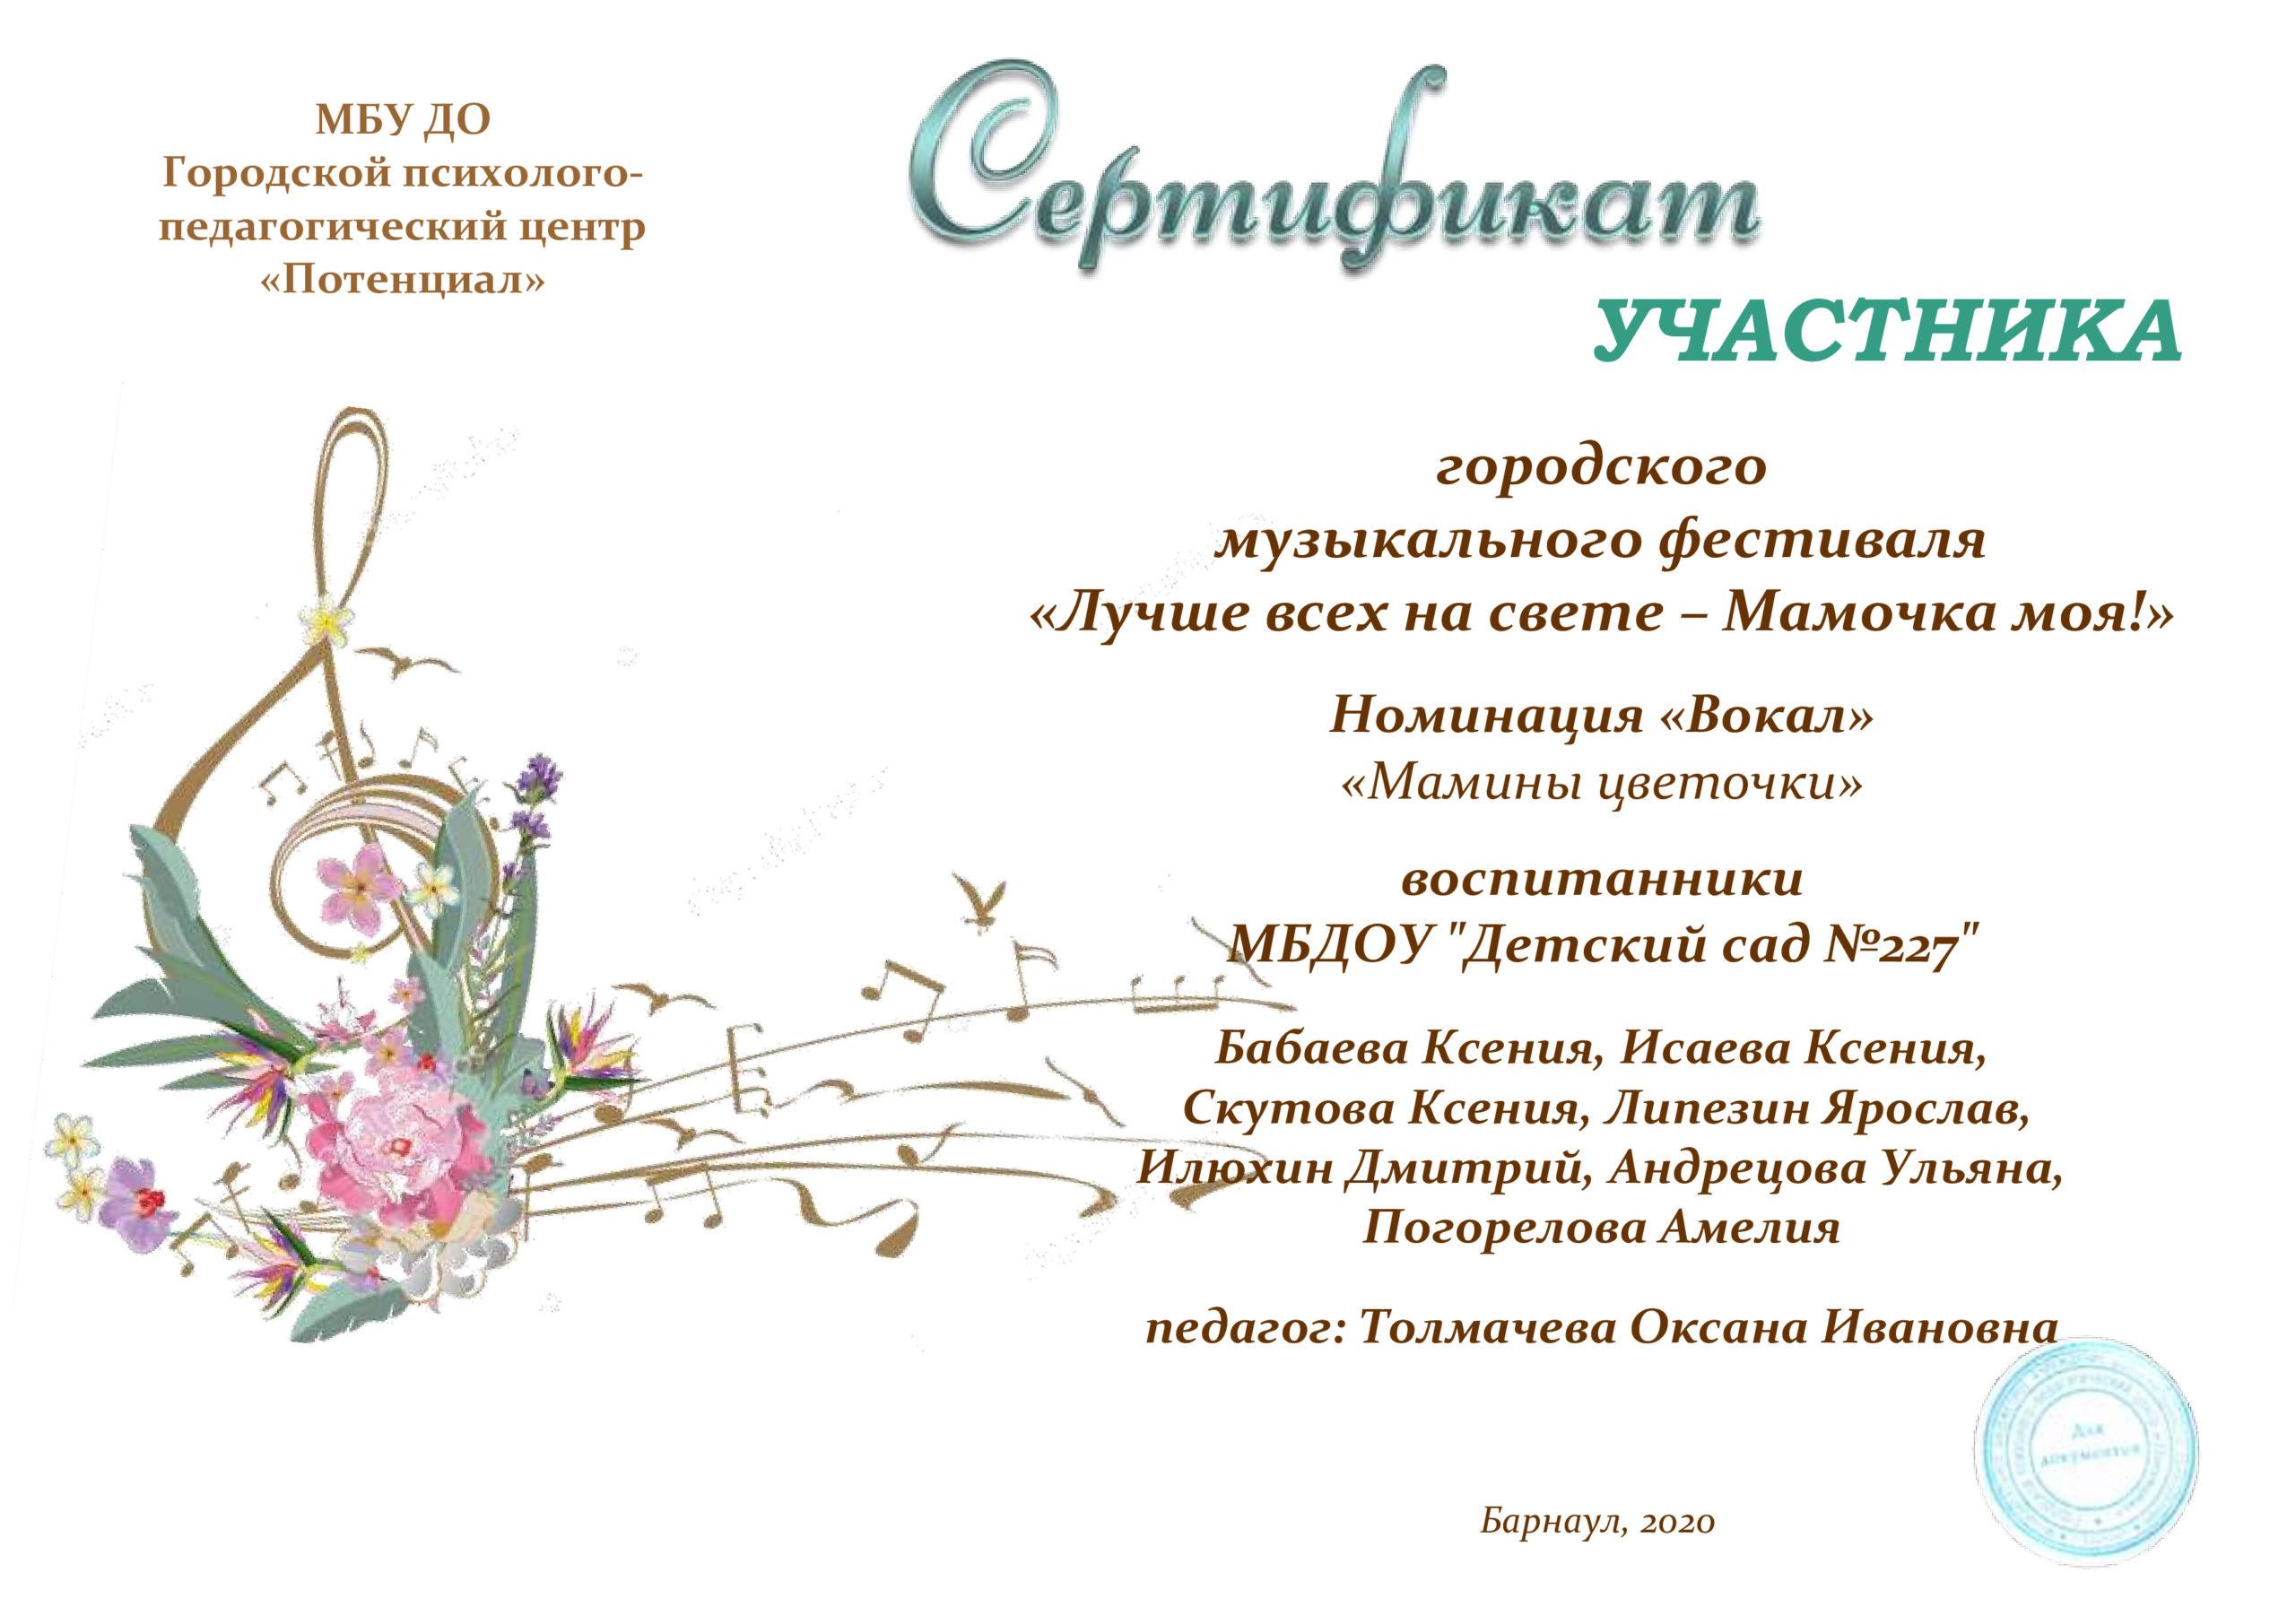 Сертификат Мамочка моя Ср. гр. Нояб. 2020 (pdf.io)